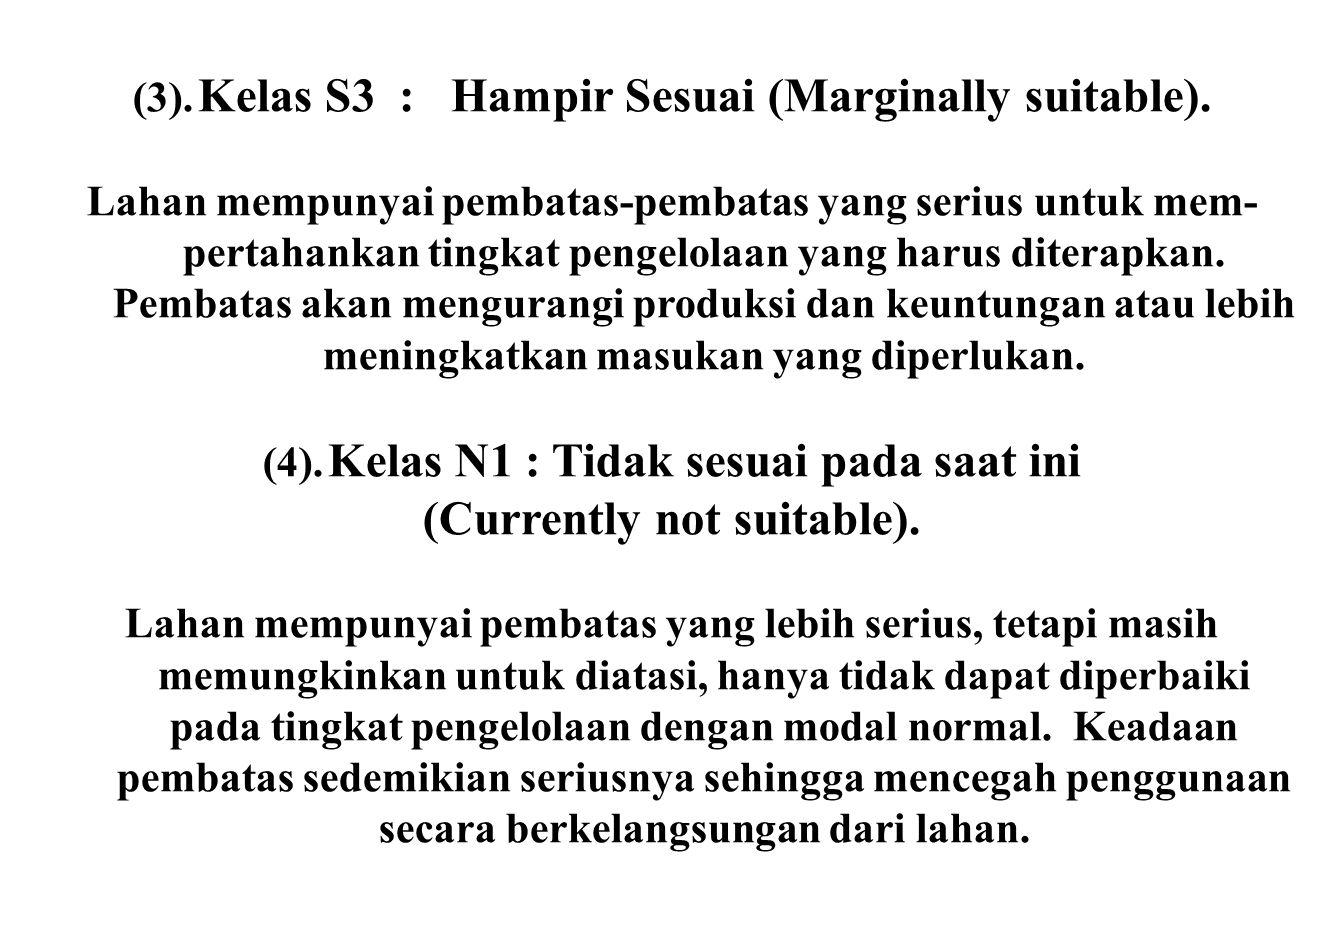 (3).Kelas S3 : Hampir Sesuai (Marginally suitable).